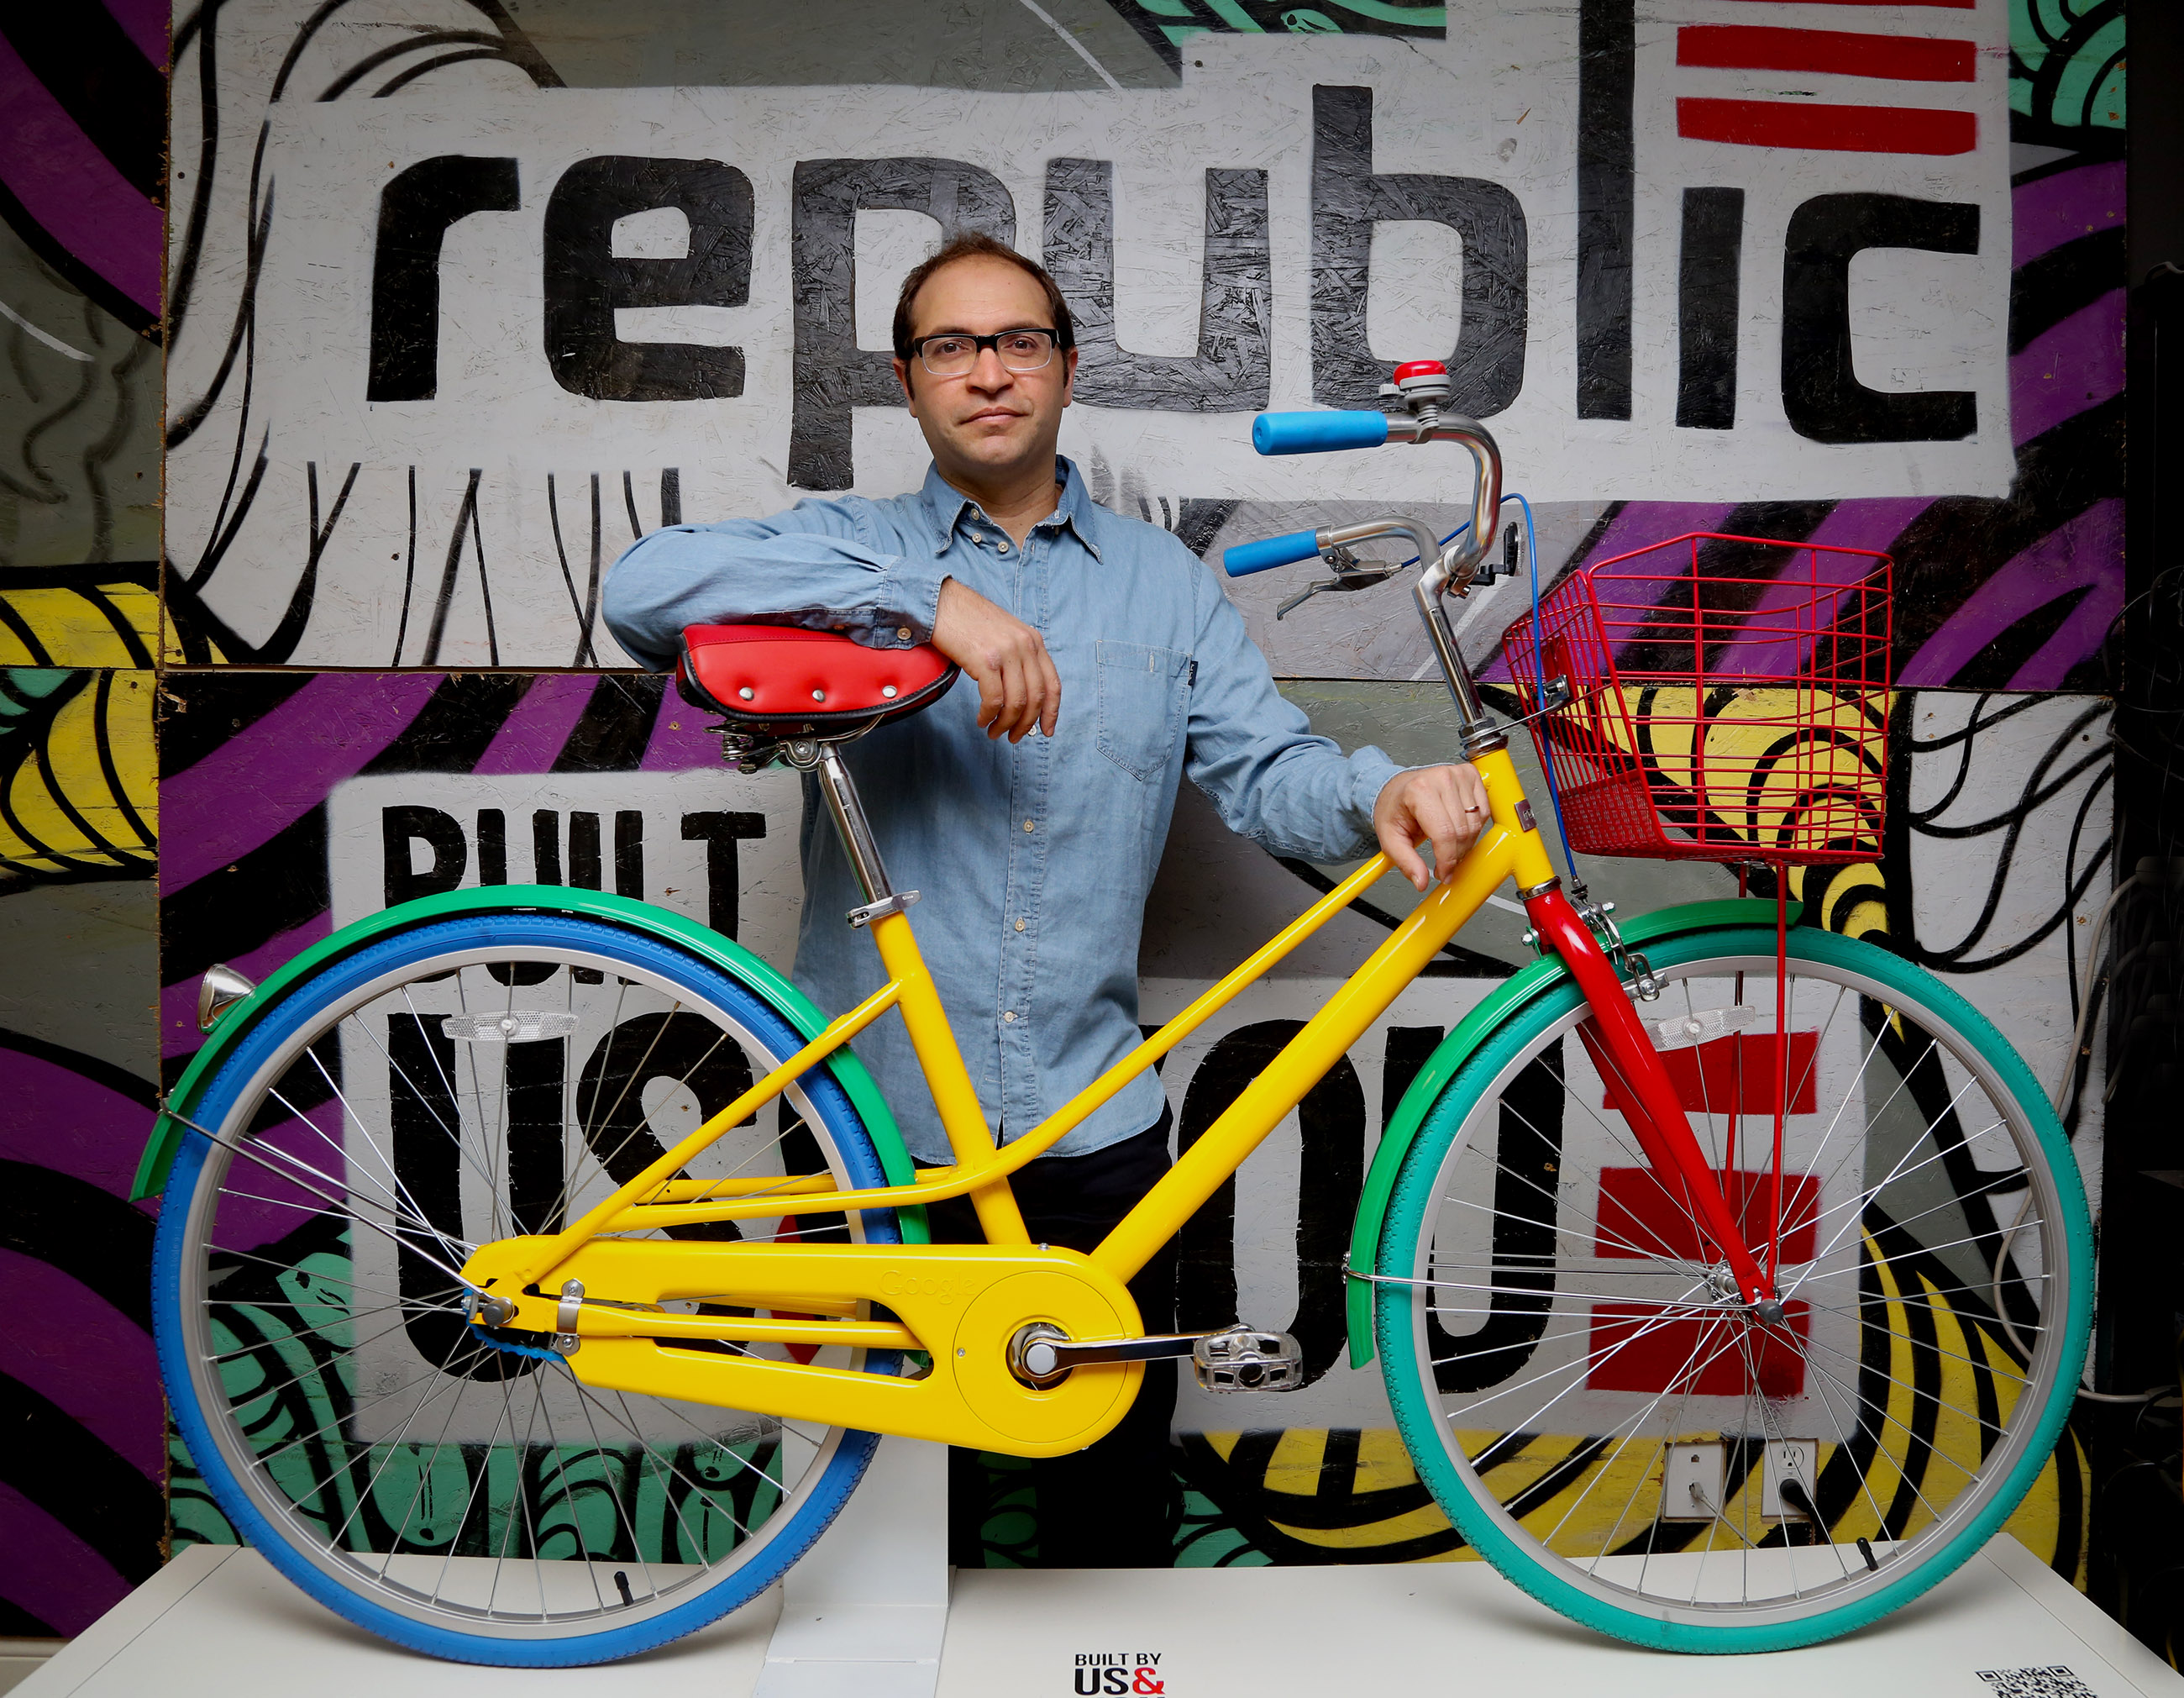 fl-republic-bike-120414a